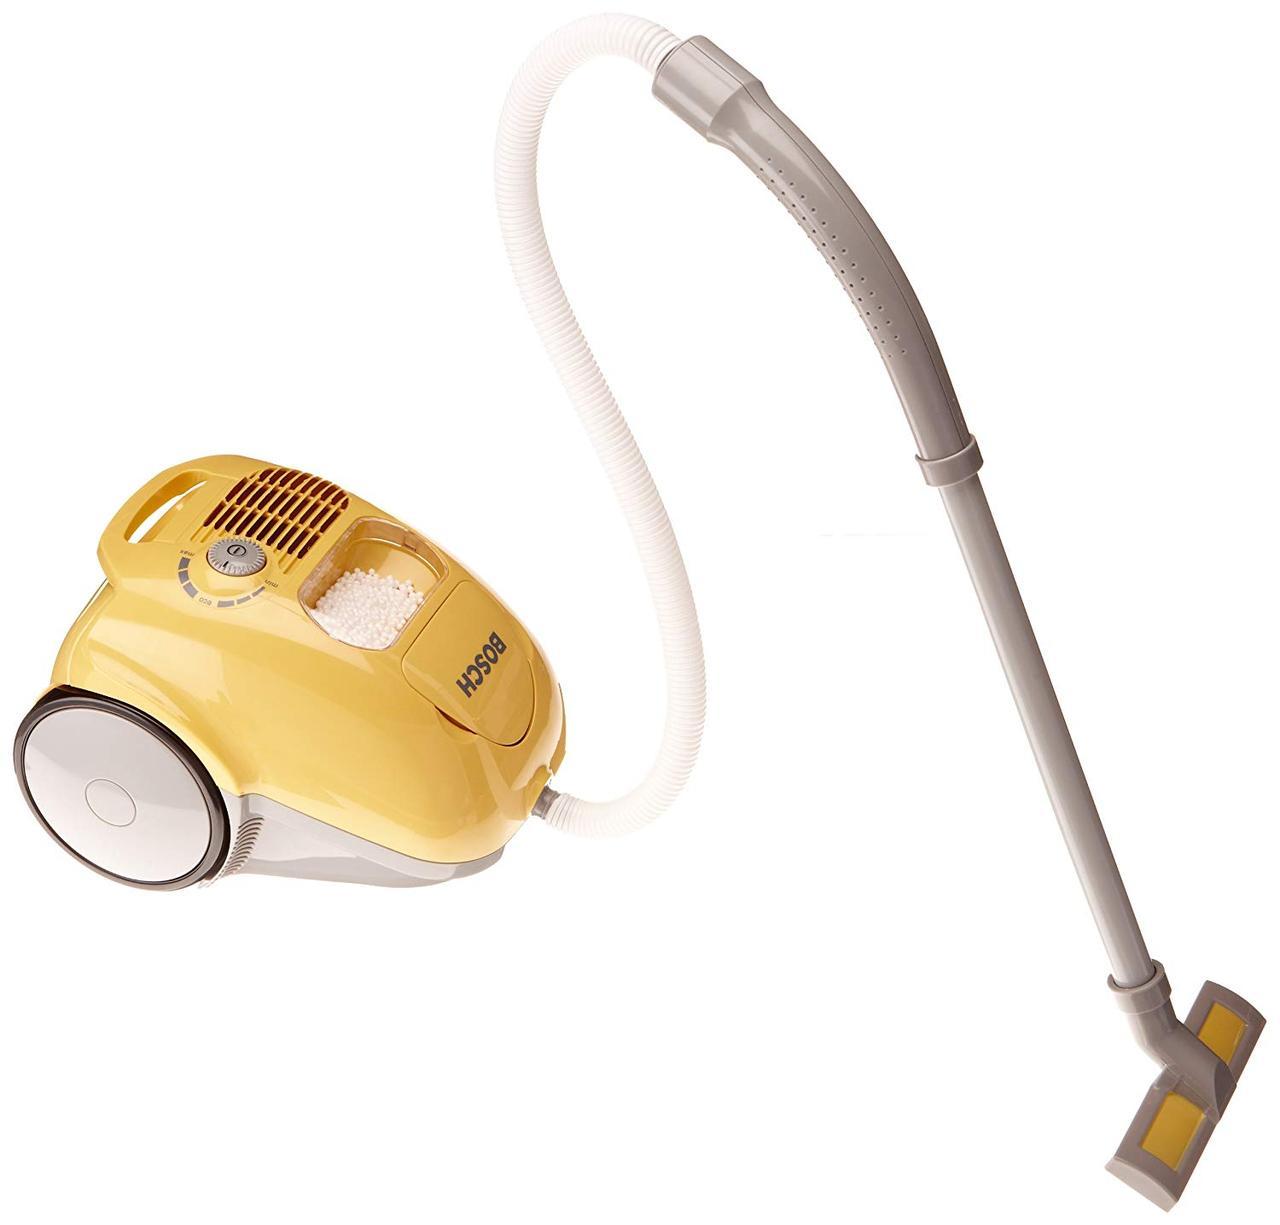 Пылесос детский игрушечный Bosch Klein 6815